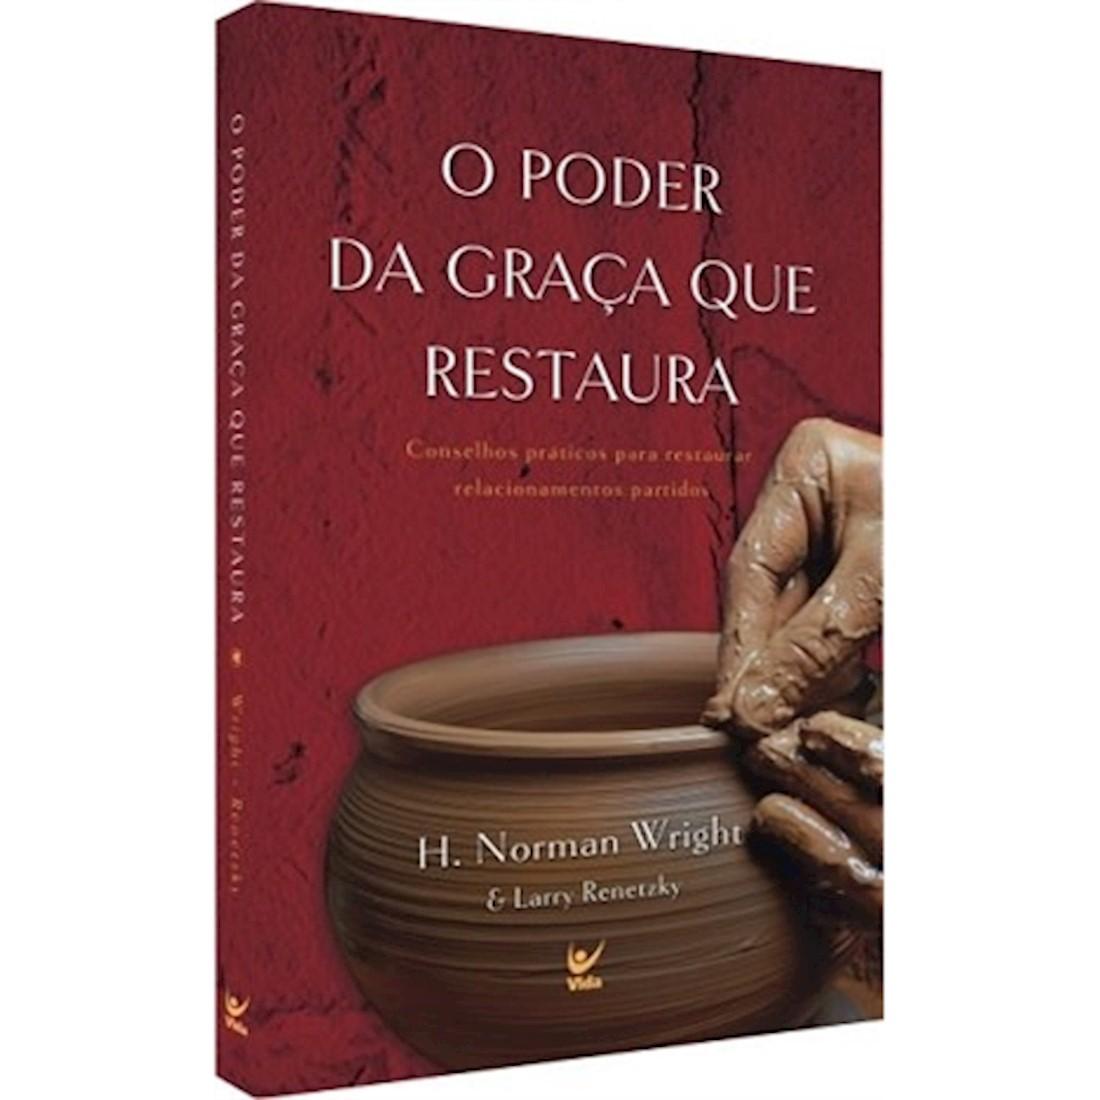 Livro O Poder da Graça que Restaura